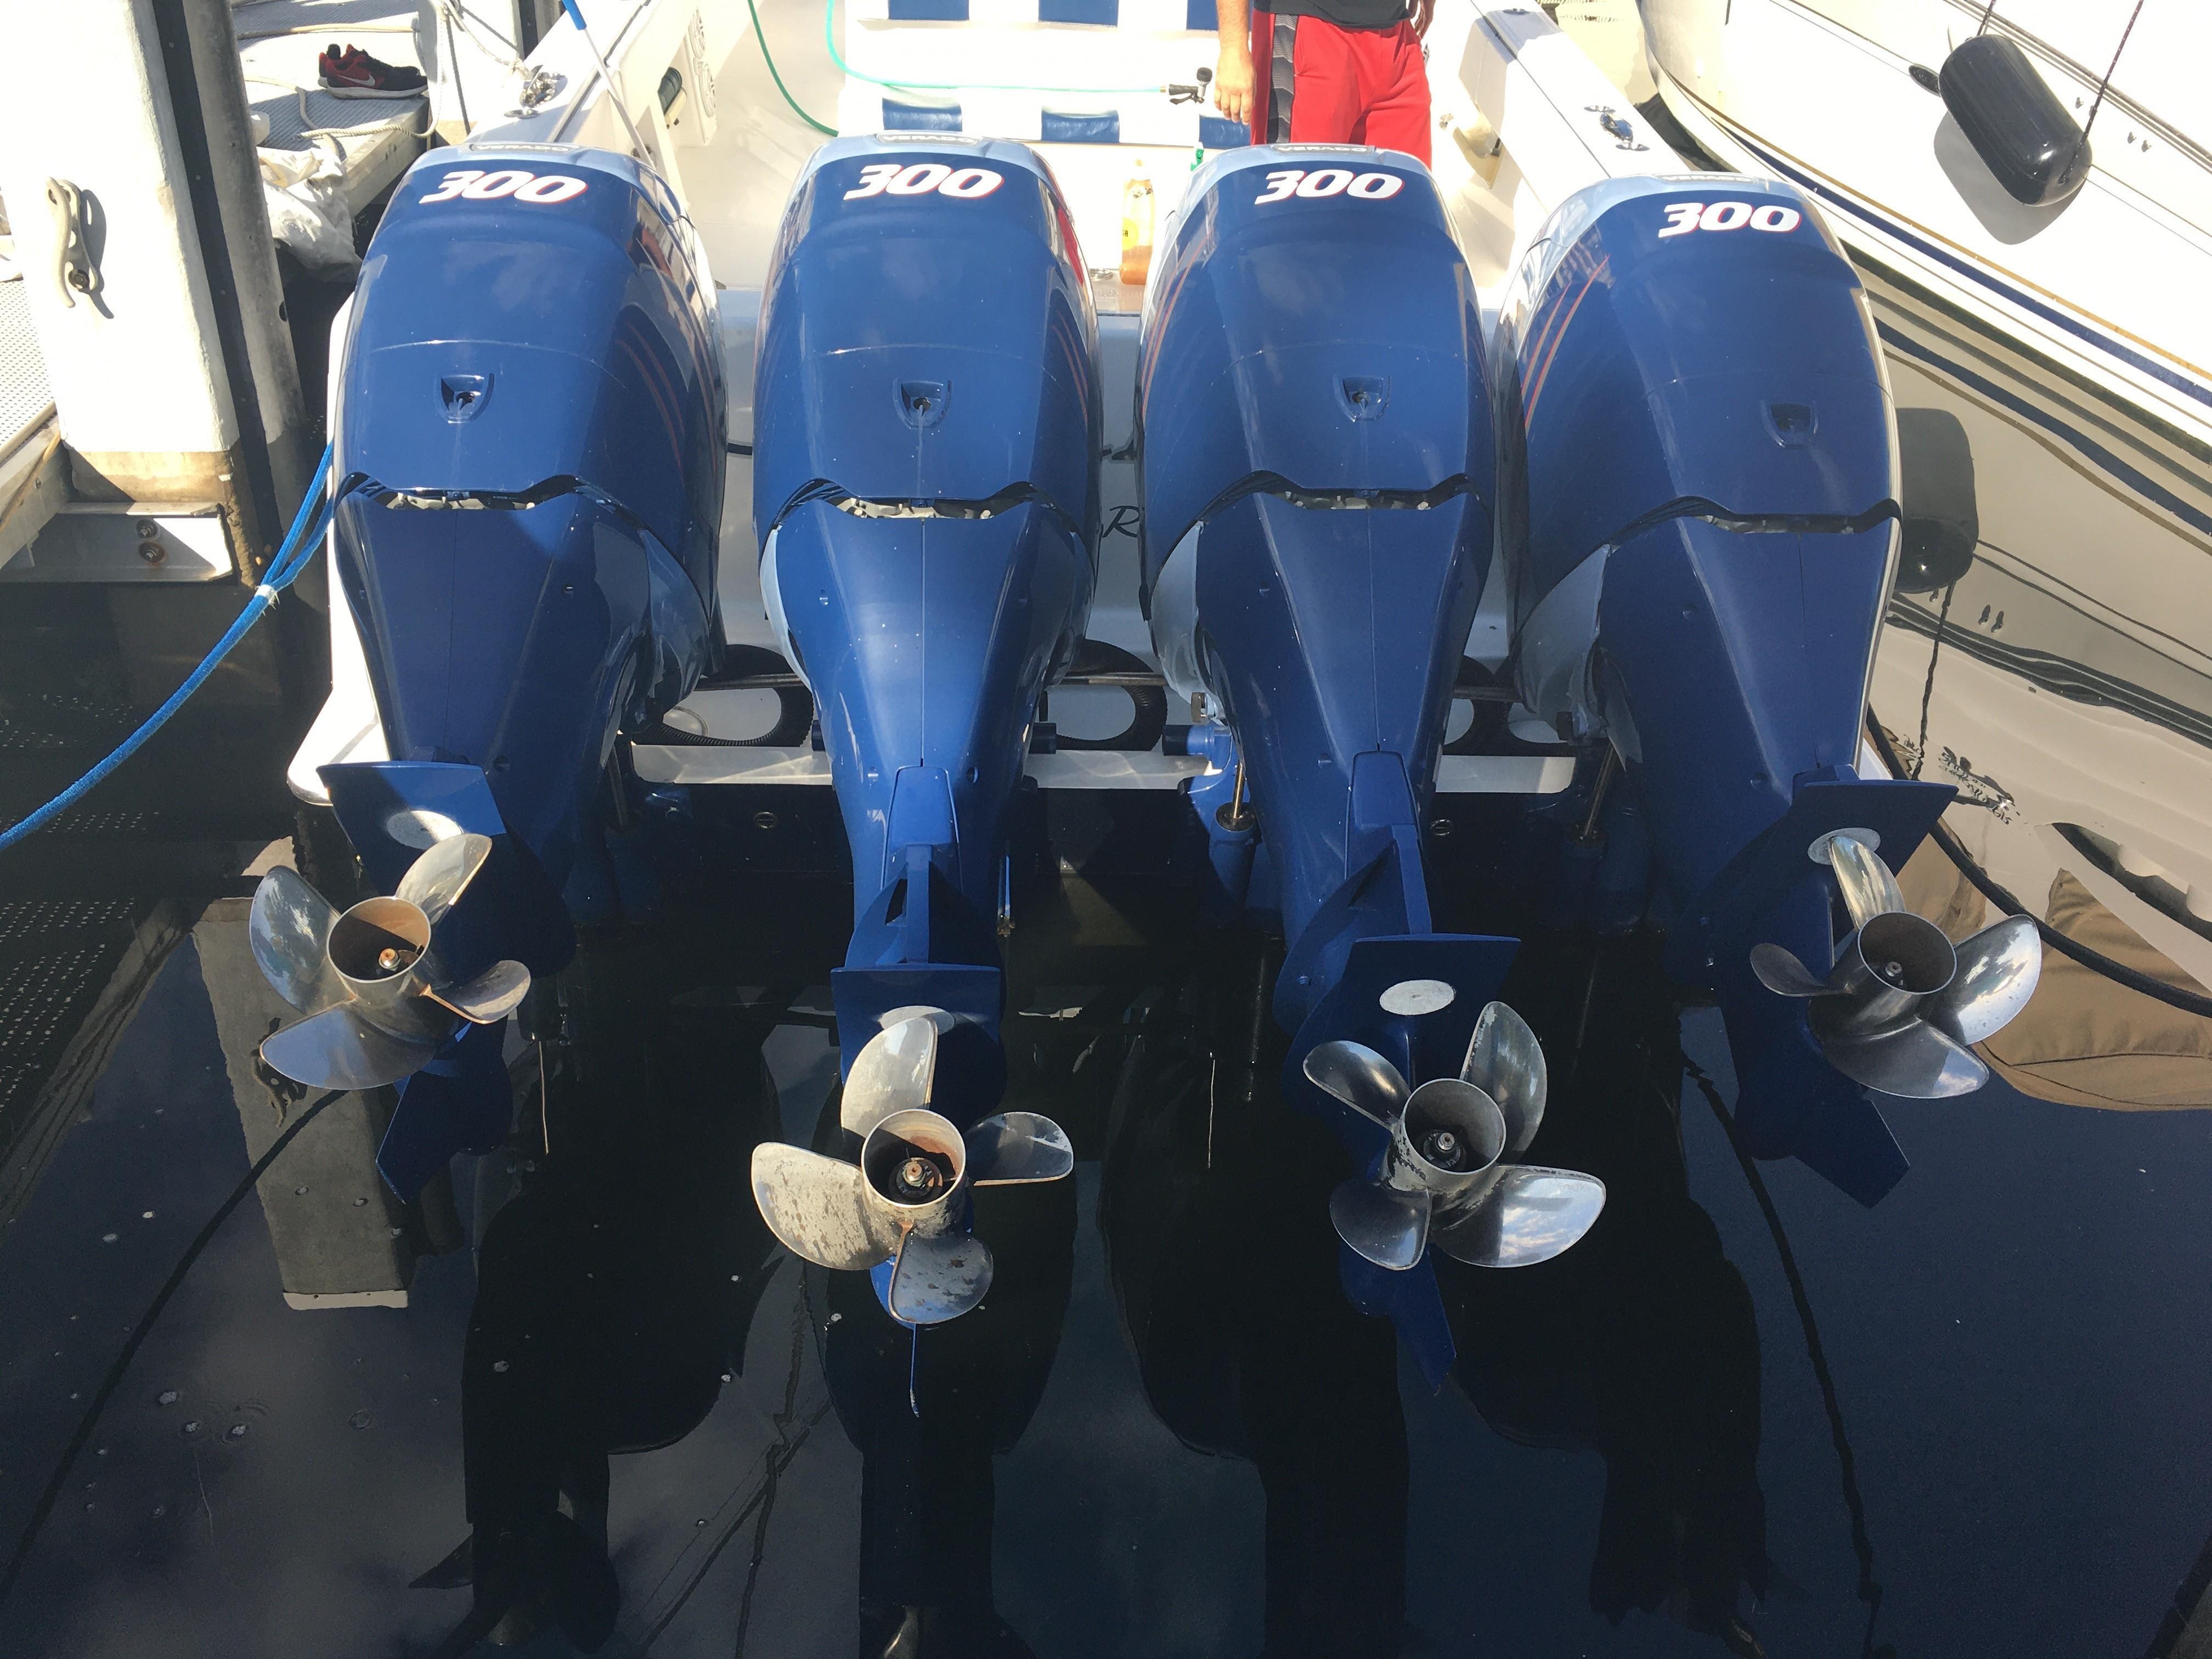 Repainted engines